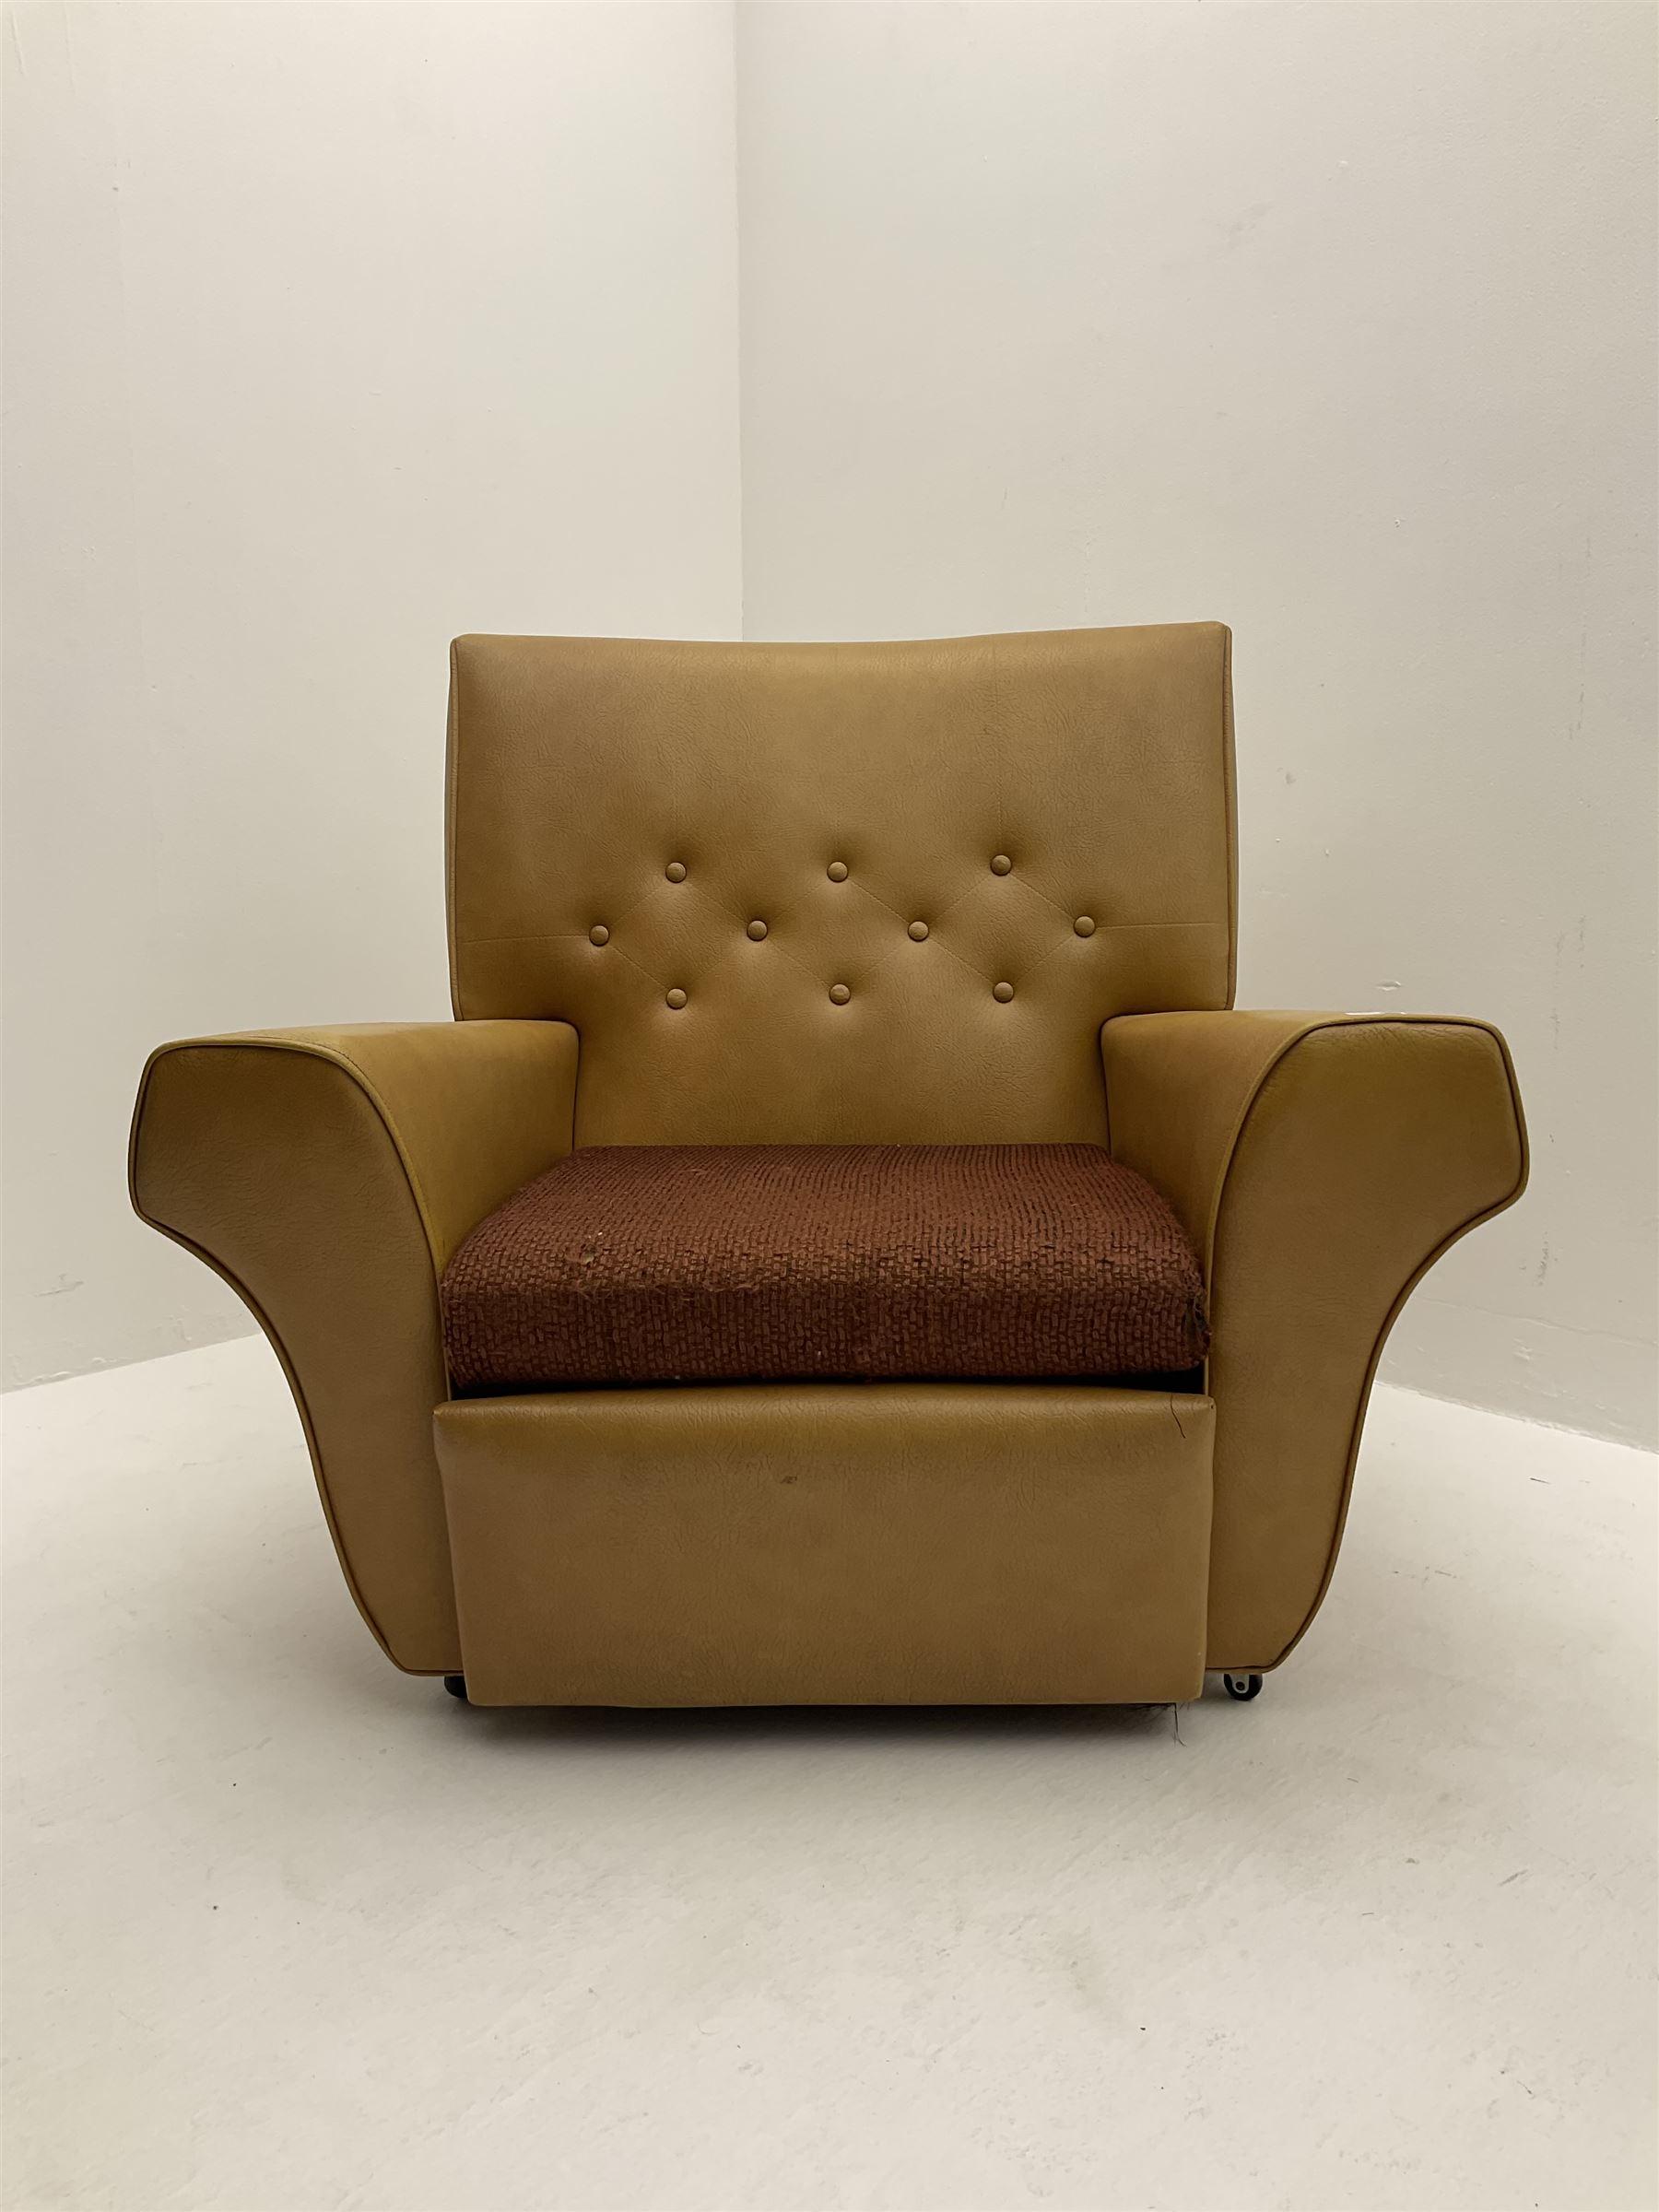 Retro armchair - Image 2 of 2